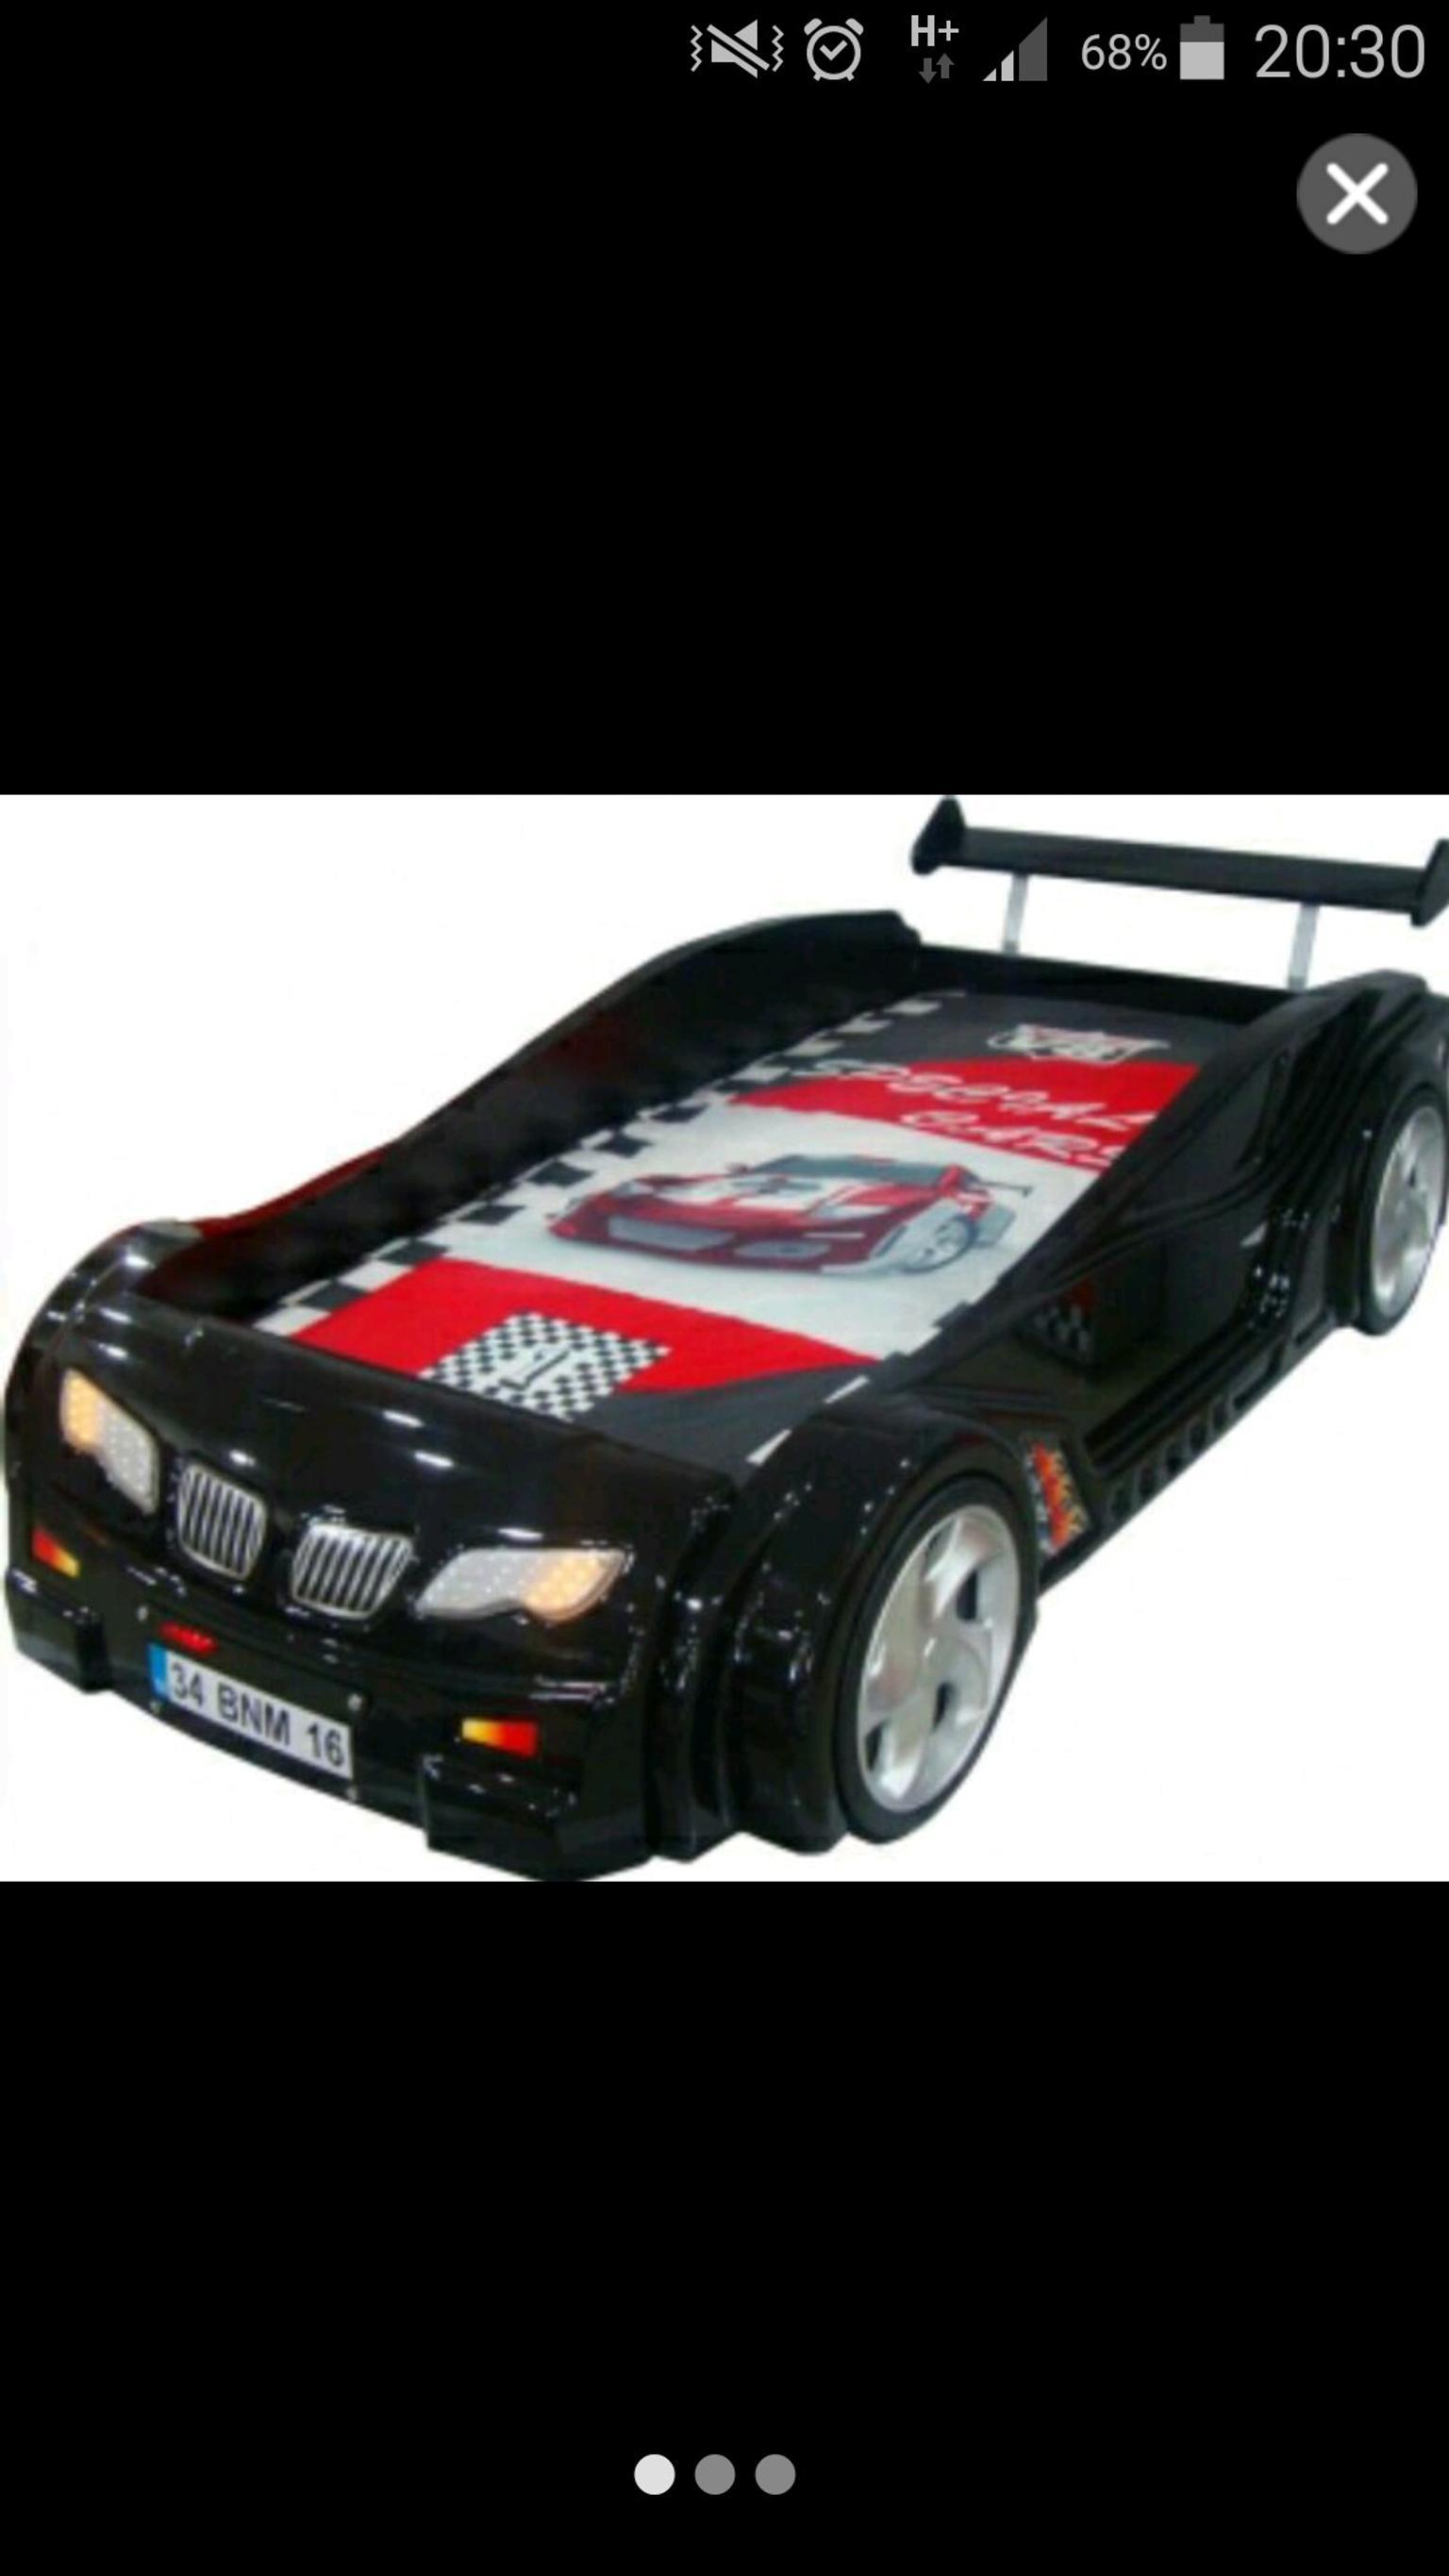 Kinderbett auto bmw  Gebraucht Autobett BMW in 6890 Lustenau um € 350.00 – Shpock